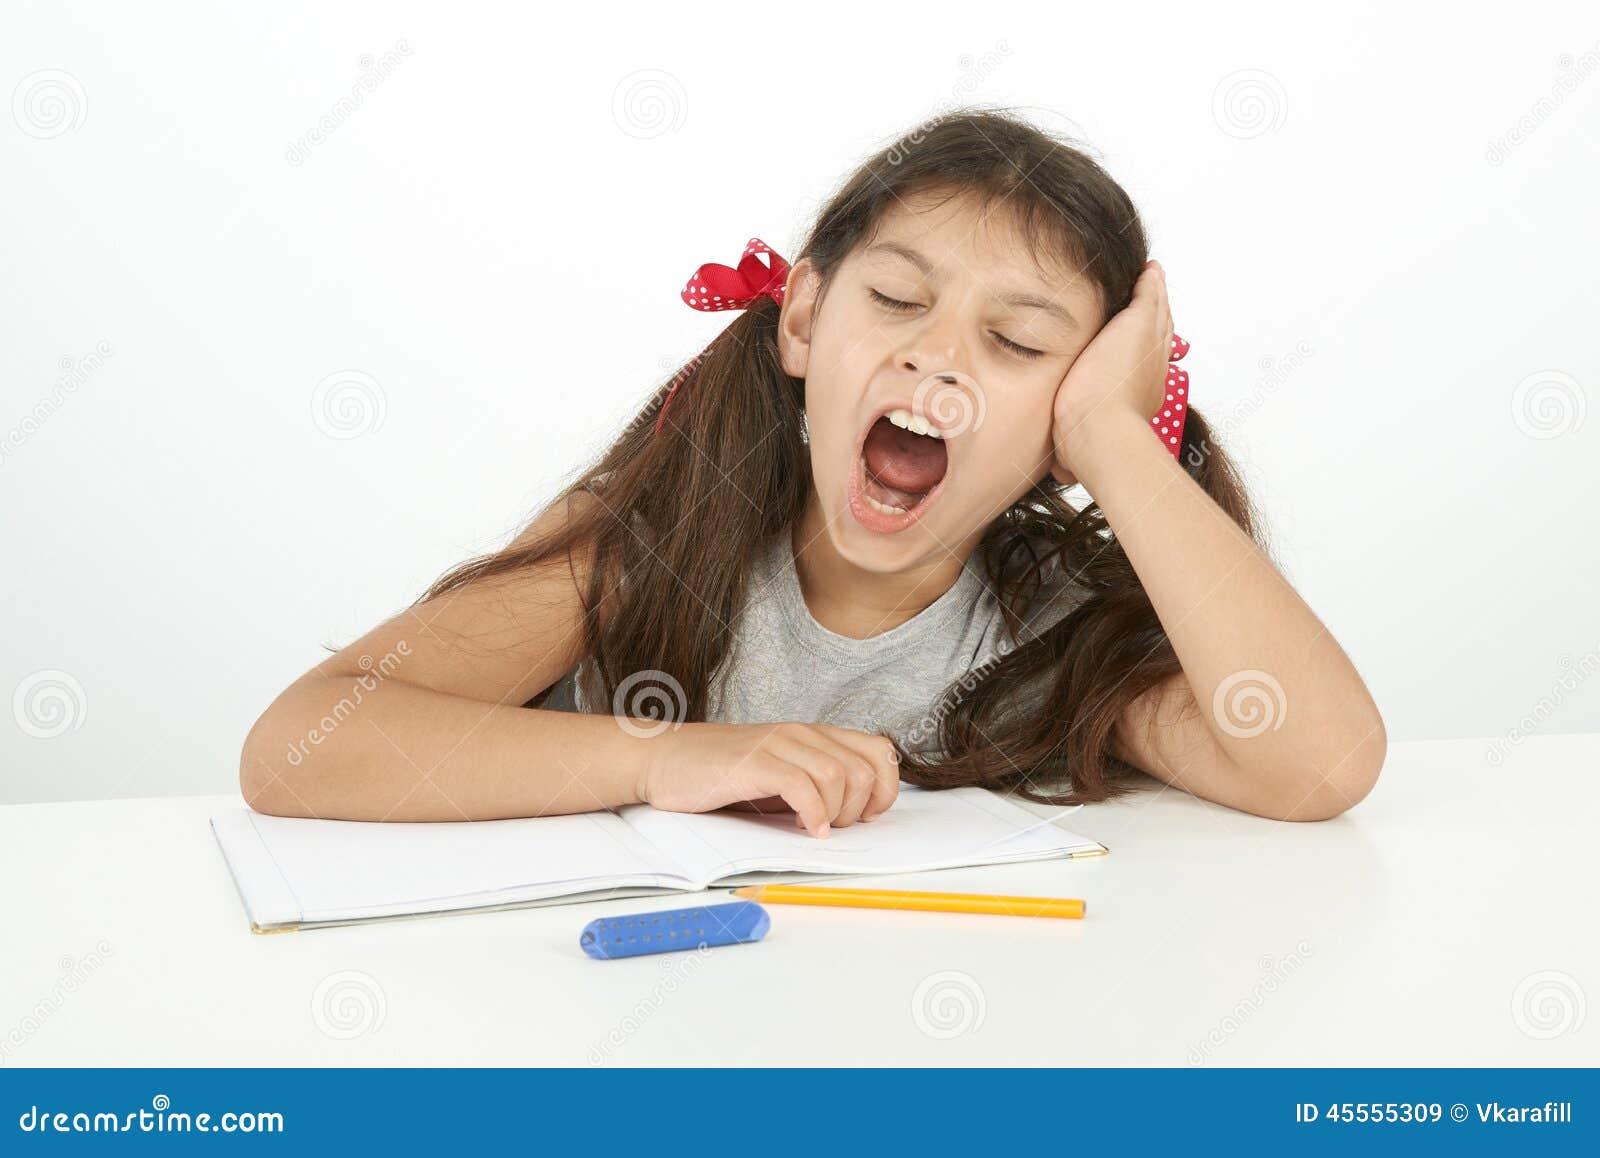 denver public schools homework